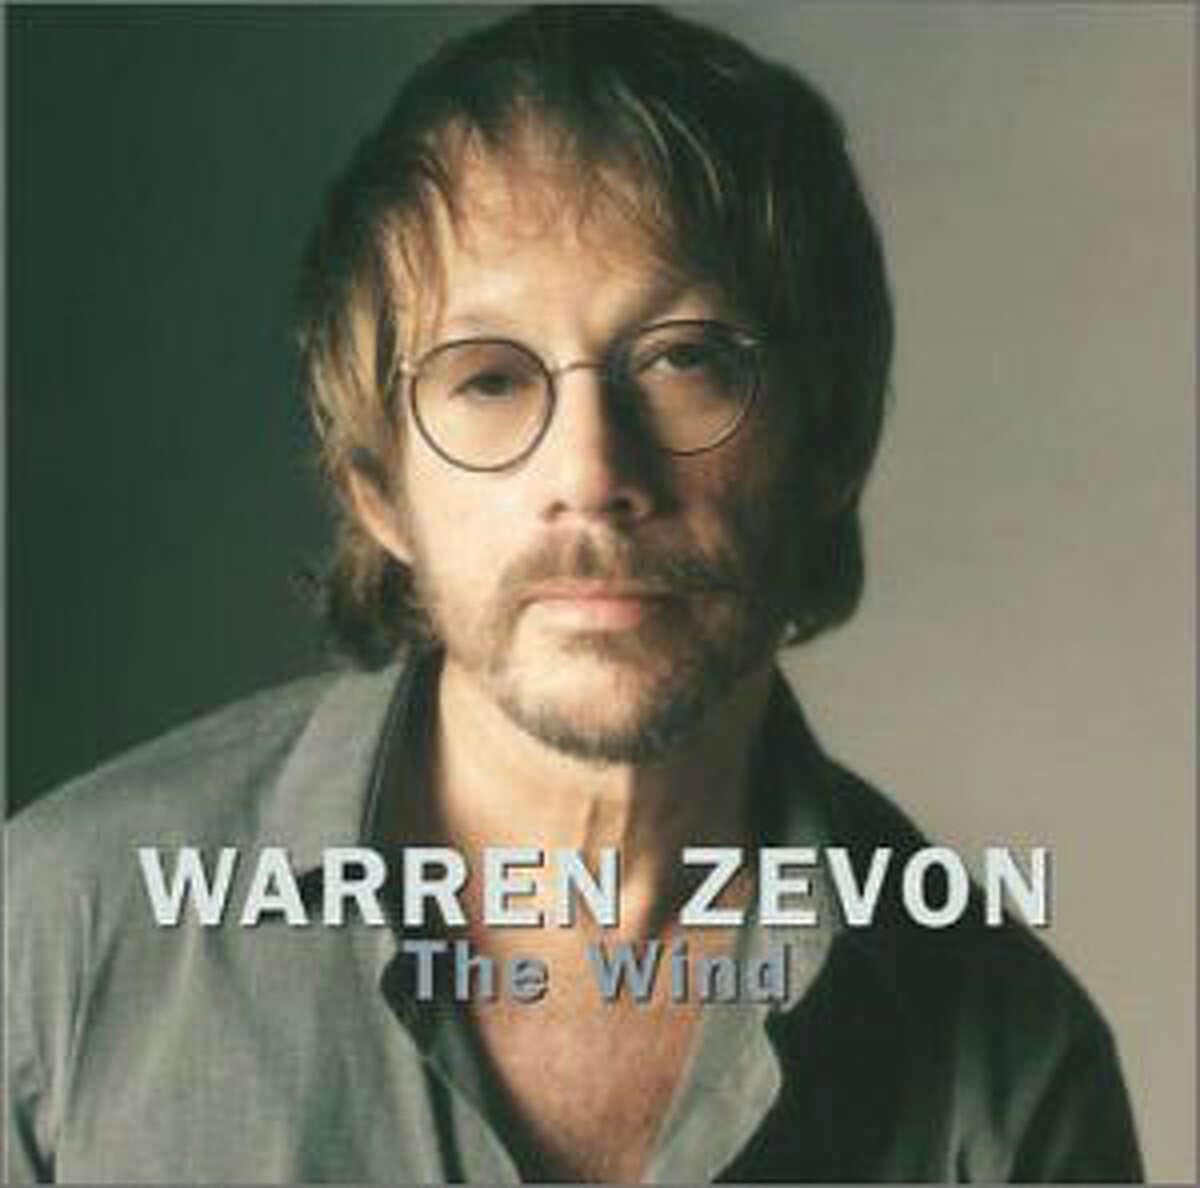 POPCDS24-zevon For POPCDS24, datebook ; CD cover art for Warren Zevon ; on 7/29/03 in . / HO CAT